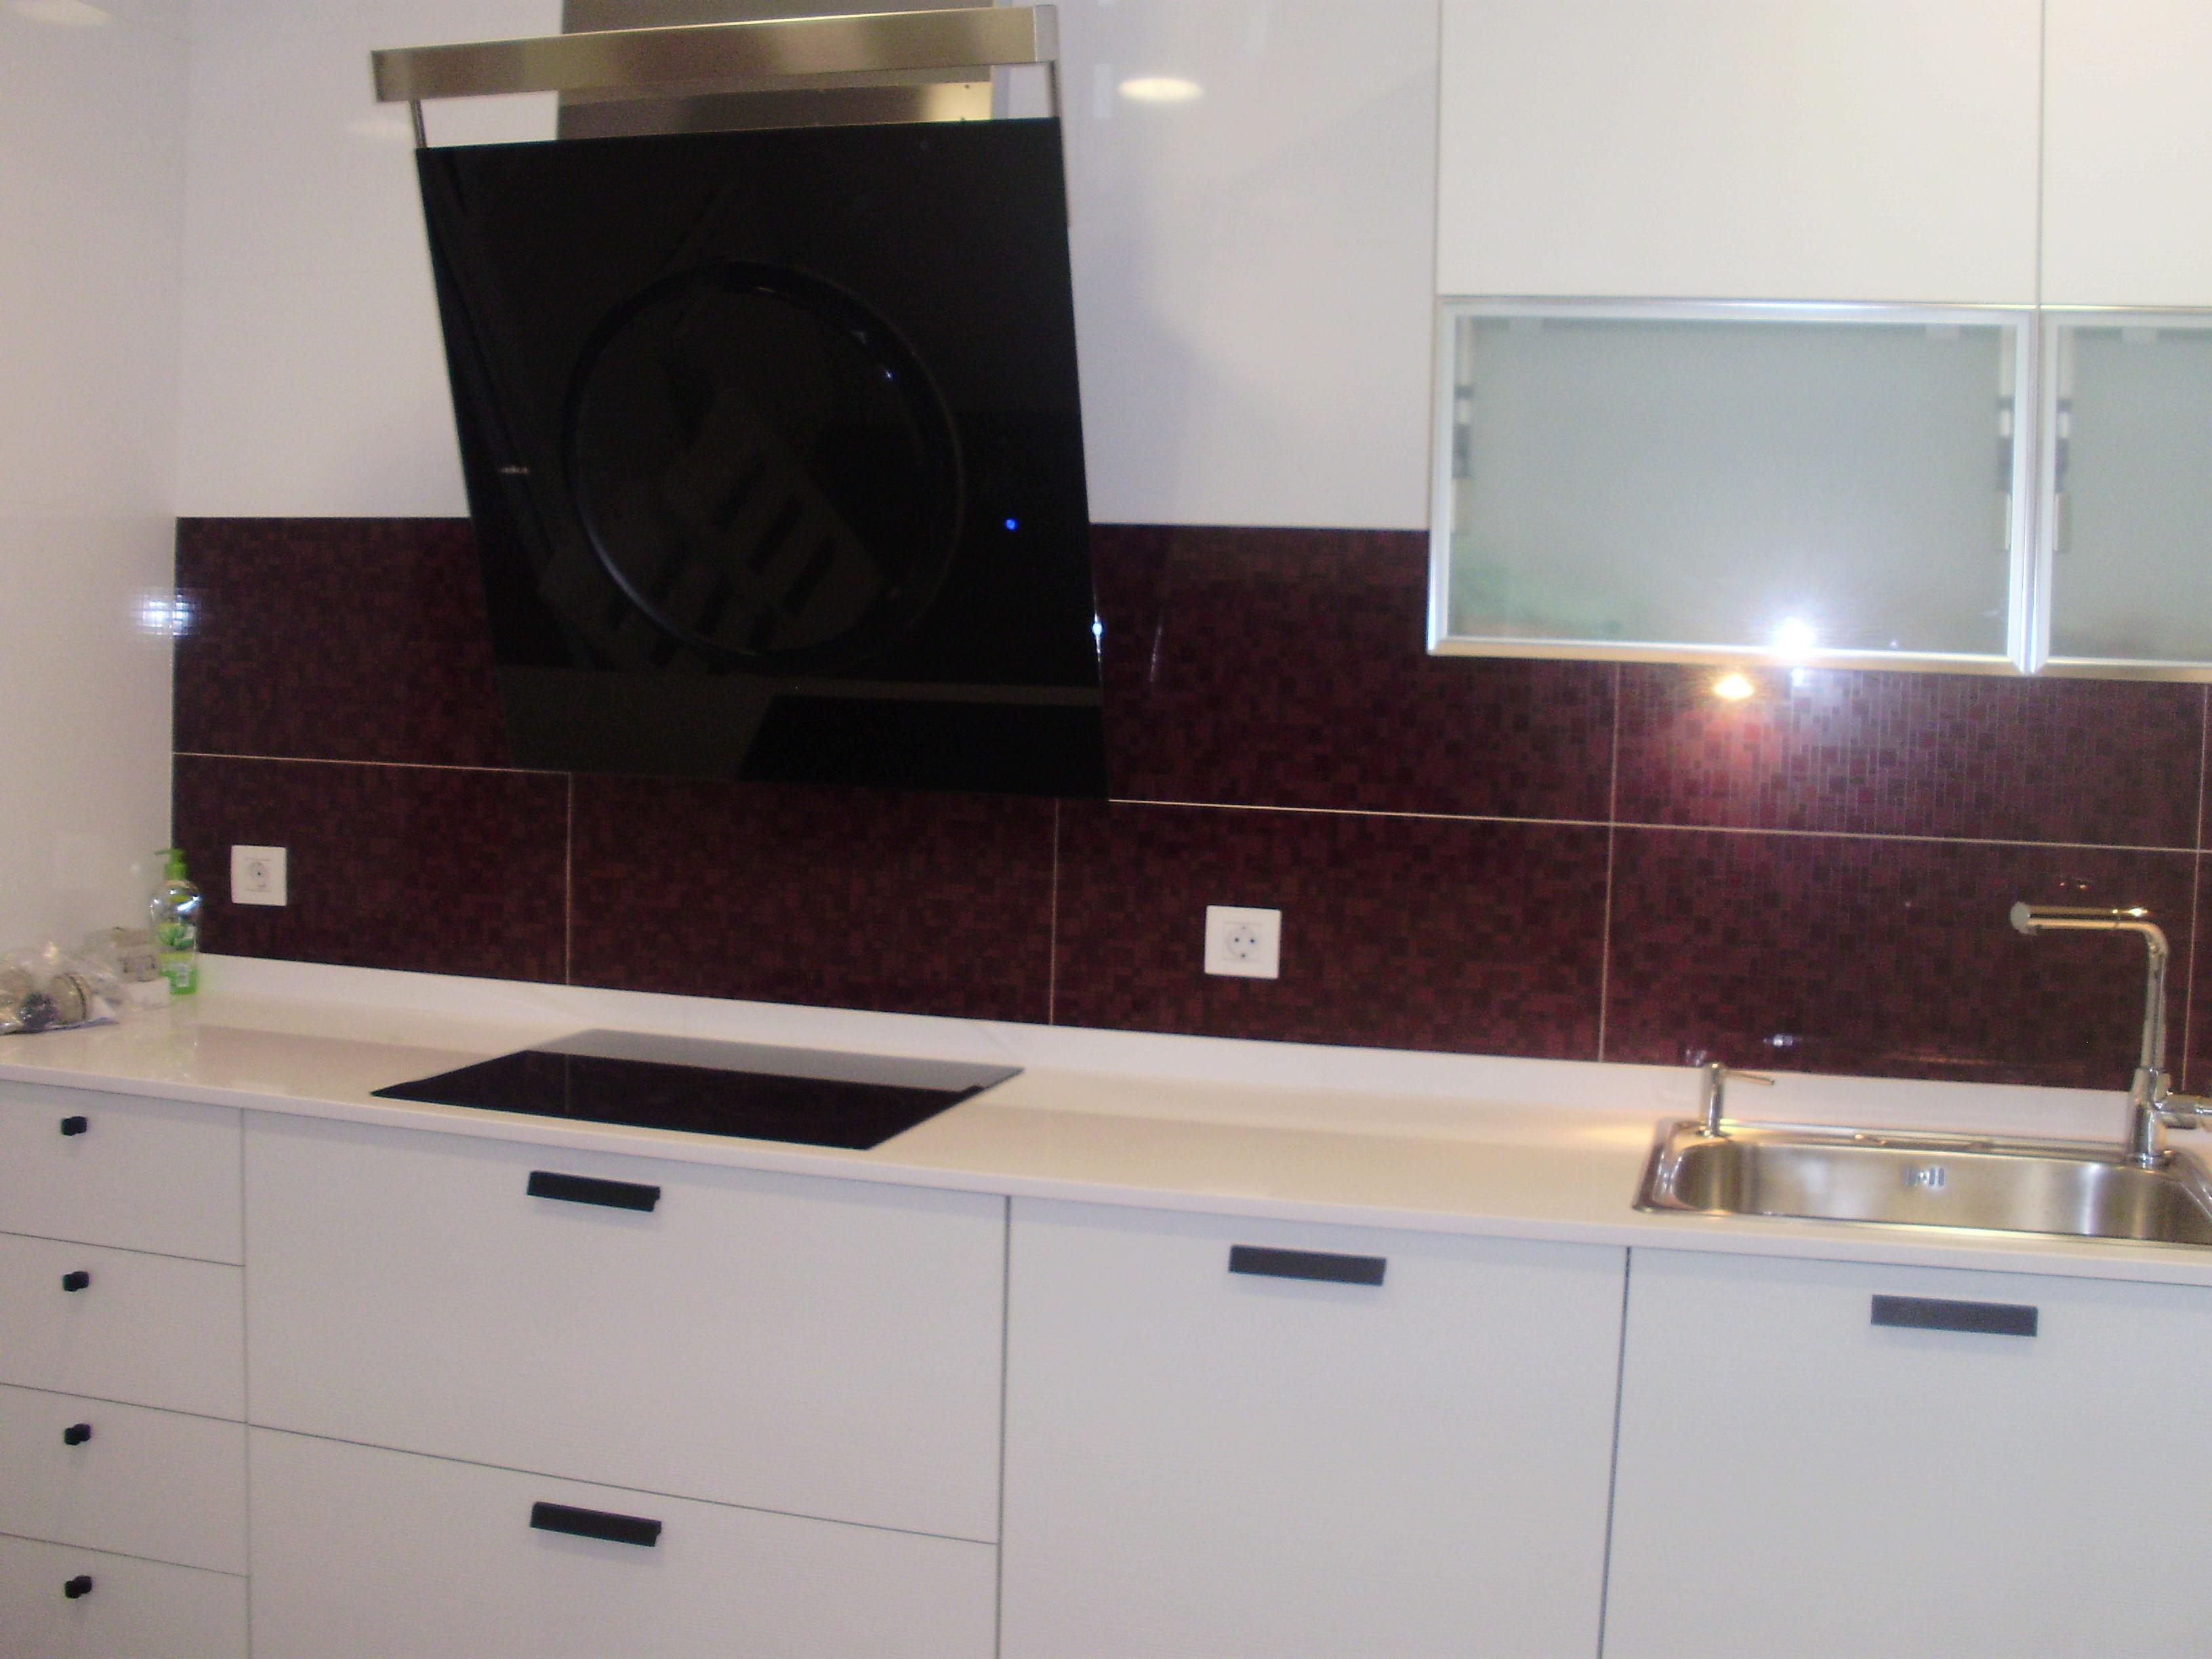 Instalar campana extractor en cocina servicios y - Extractor cocina teka ...